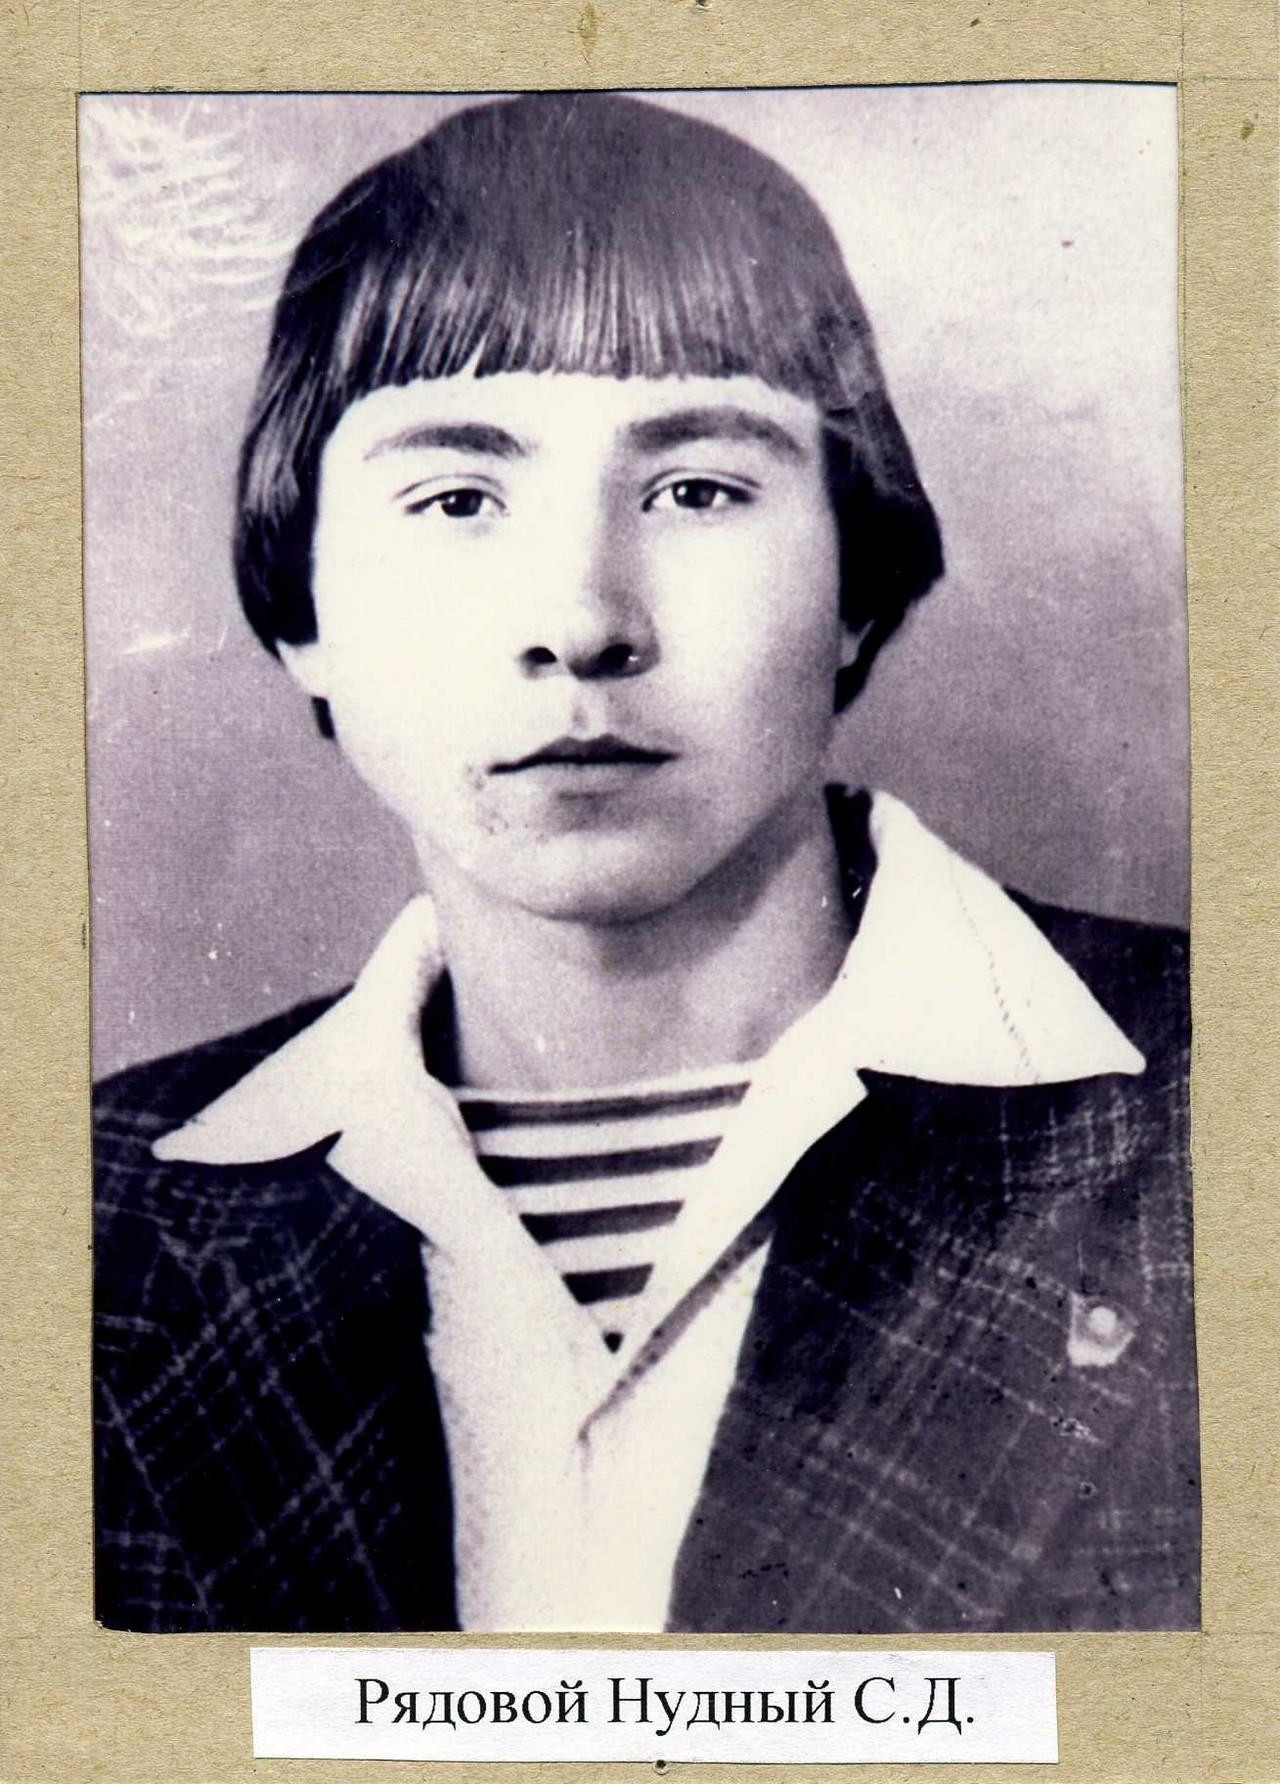 Нудный Сергей Дмитриевич